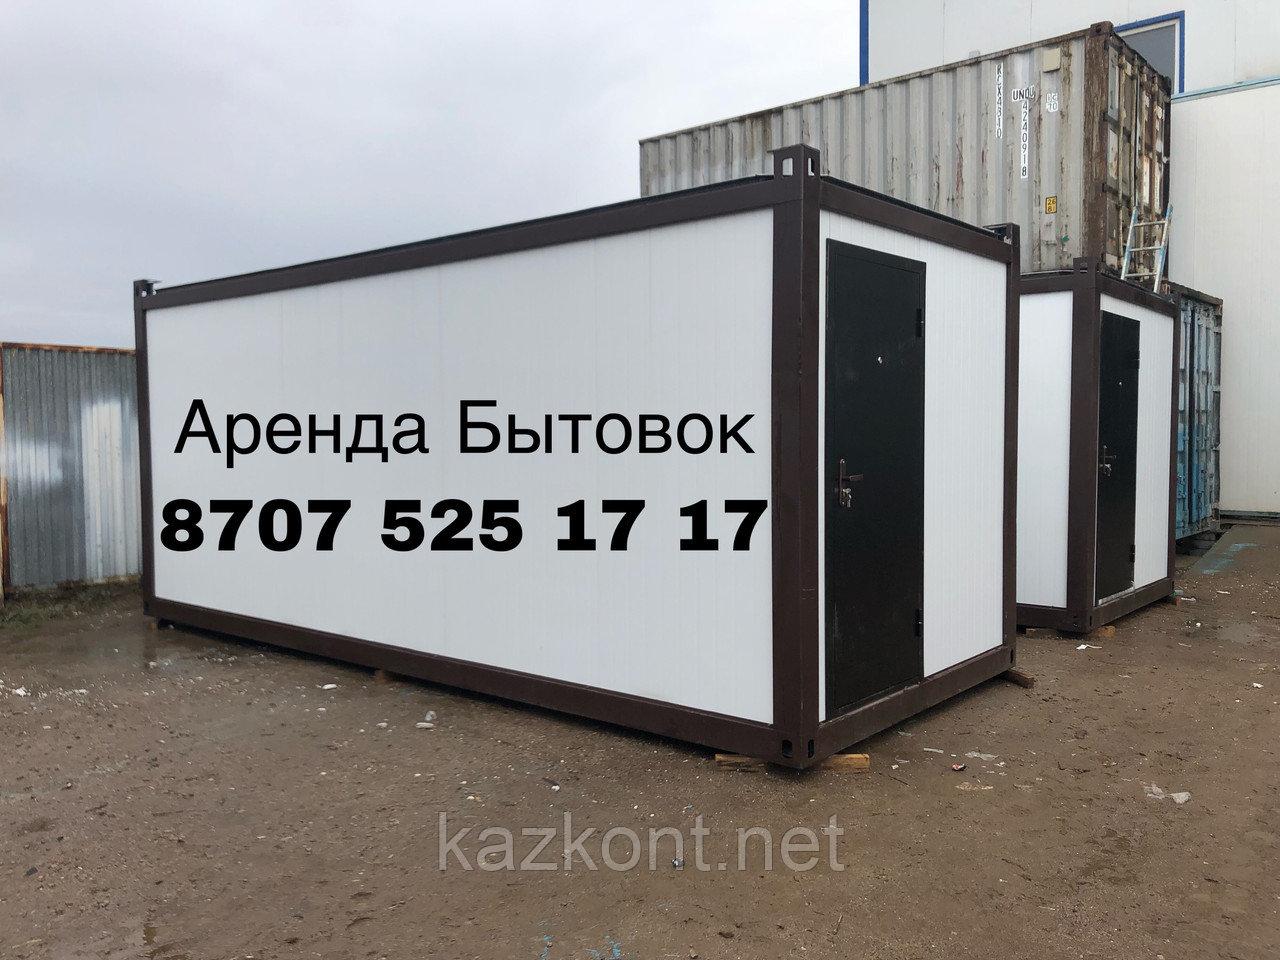 Аренда Бытовки Недорого С Доставкой!